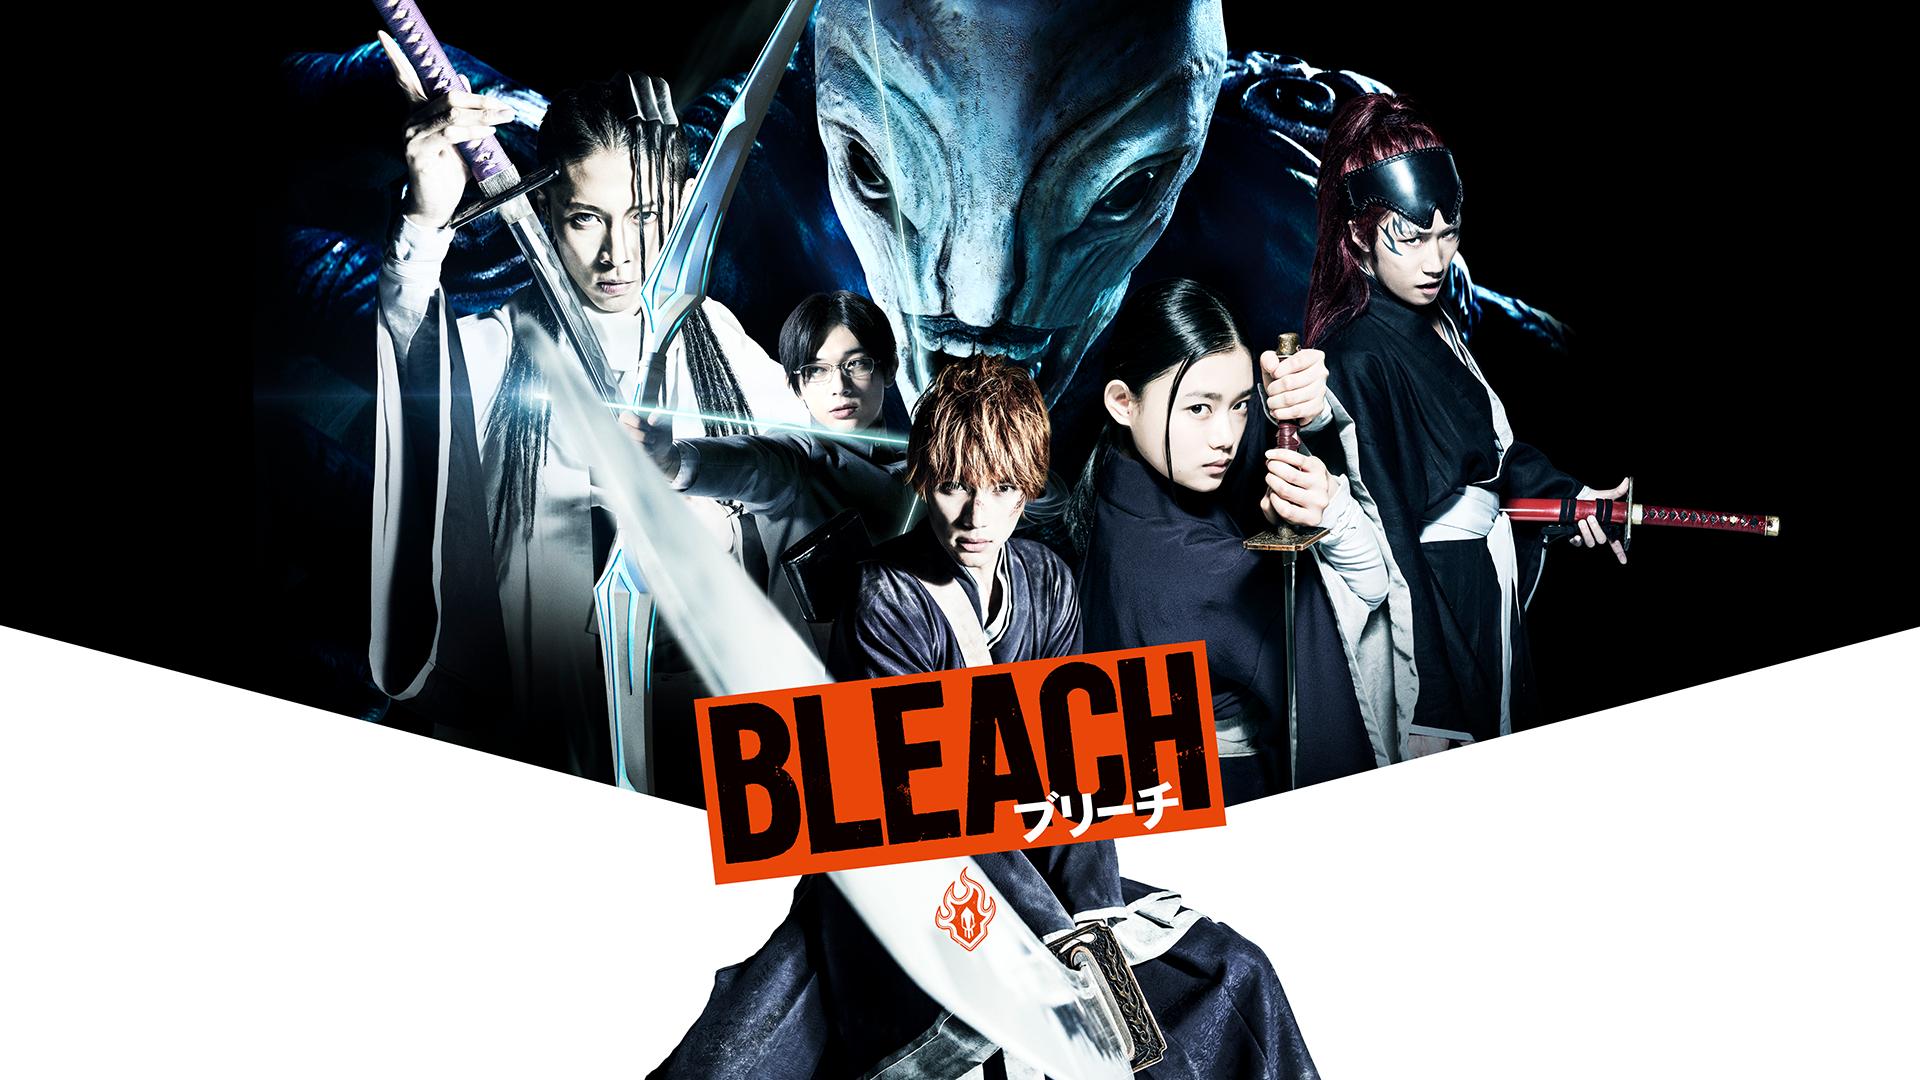 映画『BLEACH(実写版)』無料動画!フル視聴する方法は?おすすめ動画配信サービスを紹介